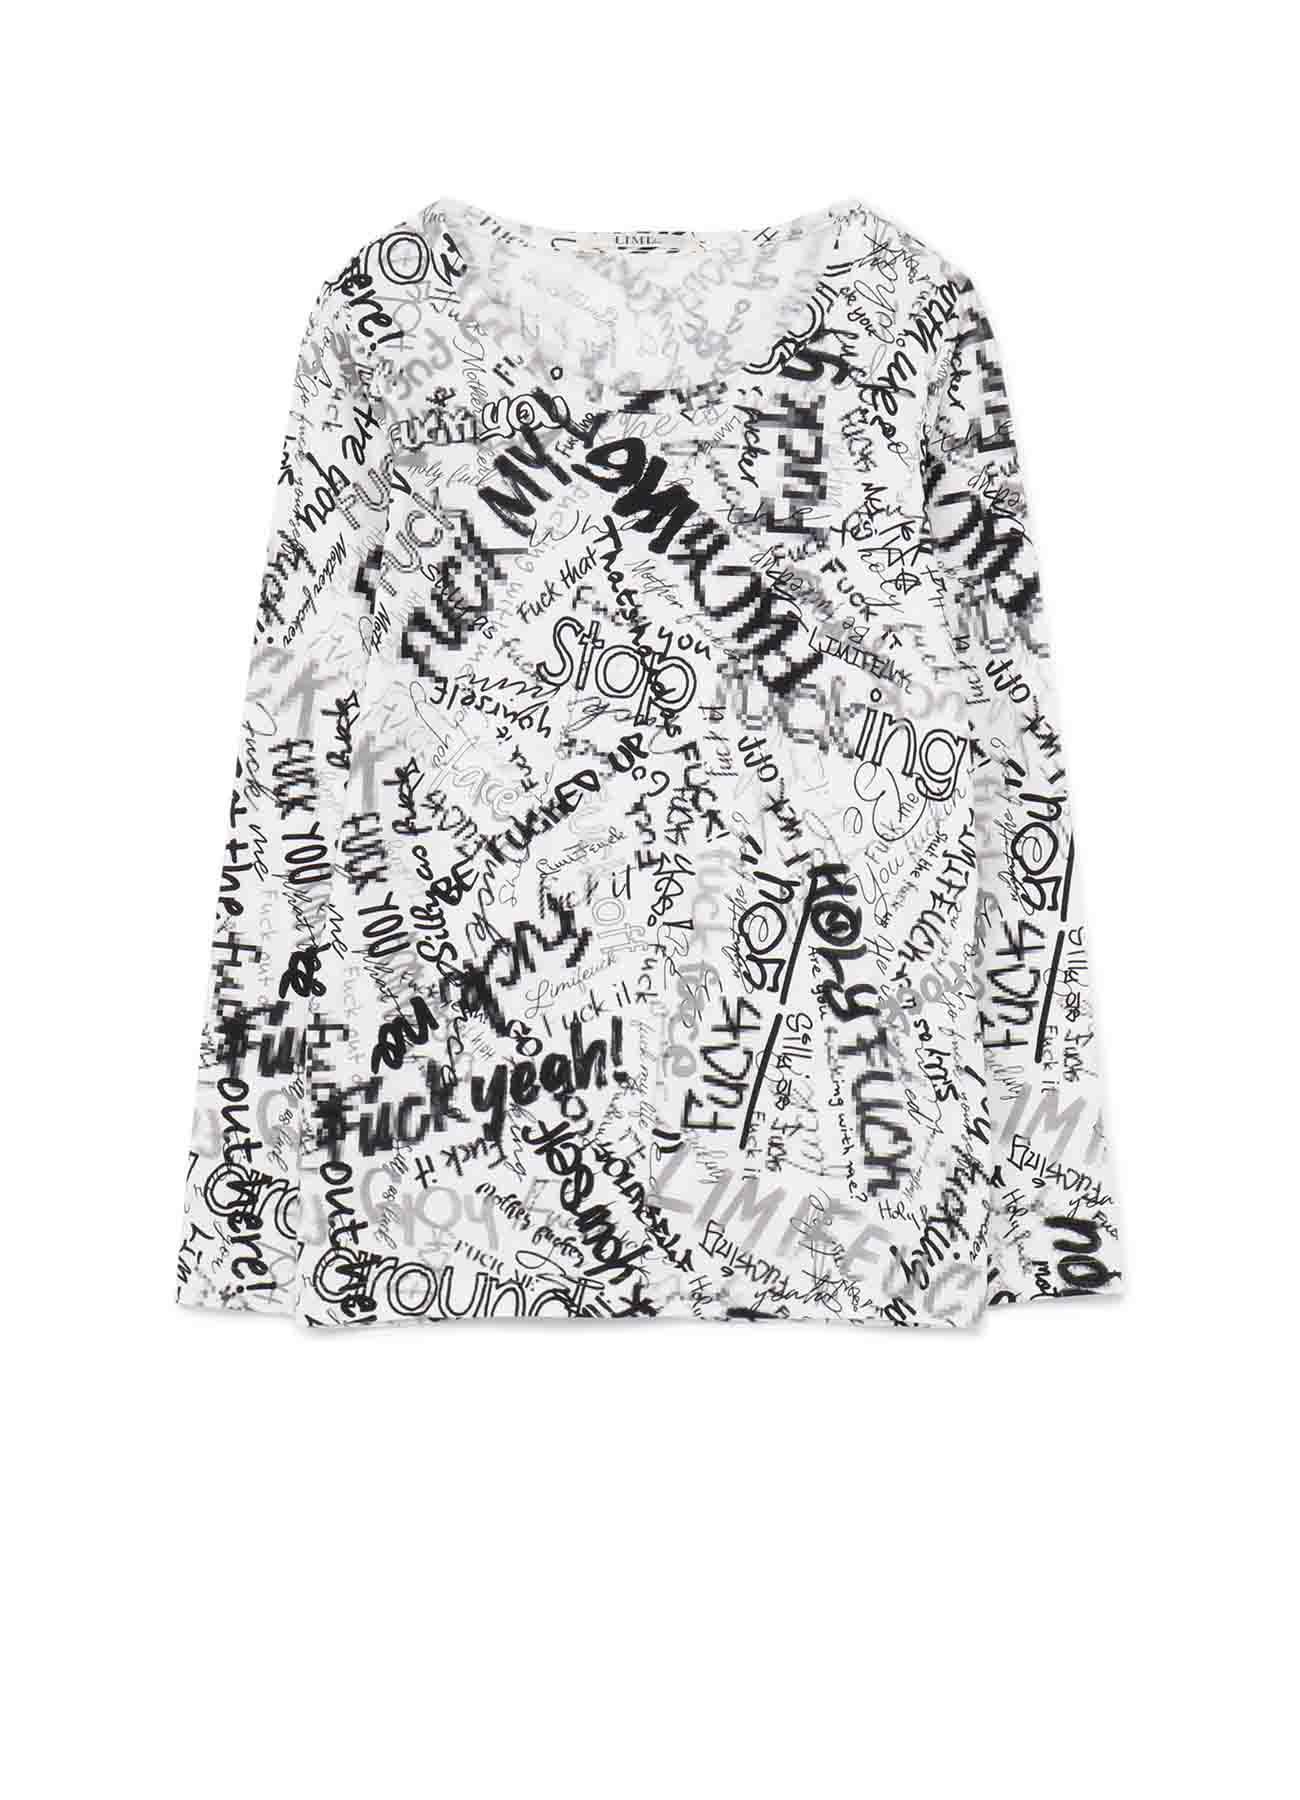 Mosaic FU*K Print 1 Basic Long T-Shirt